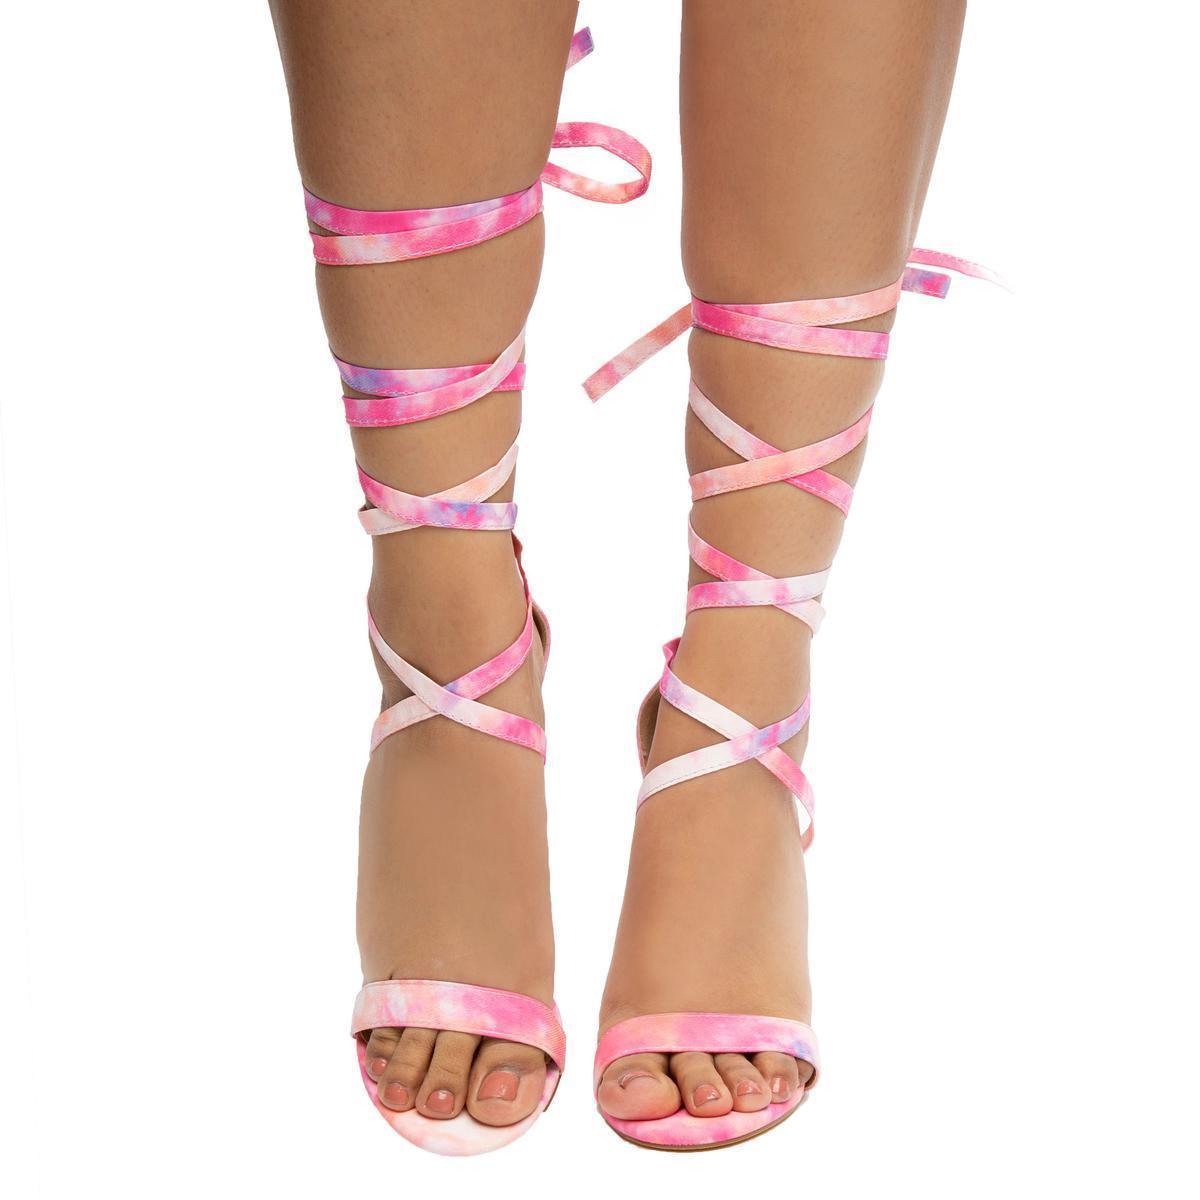 High Heels in Pink Tie Dye (Pink